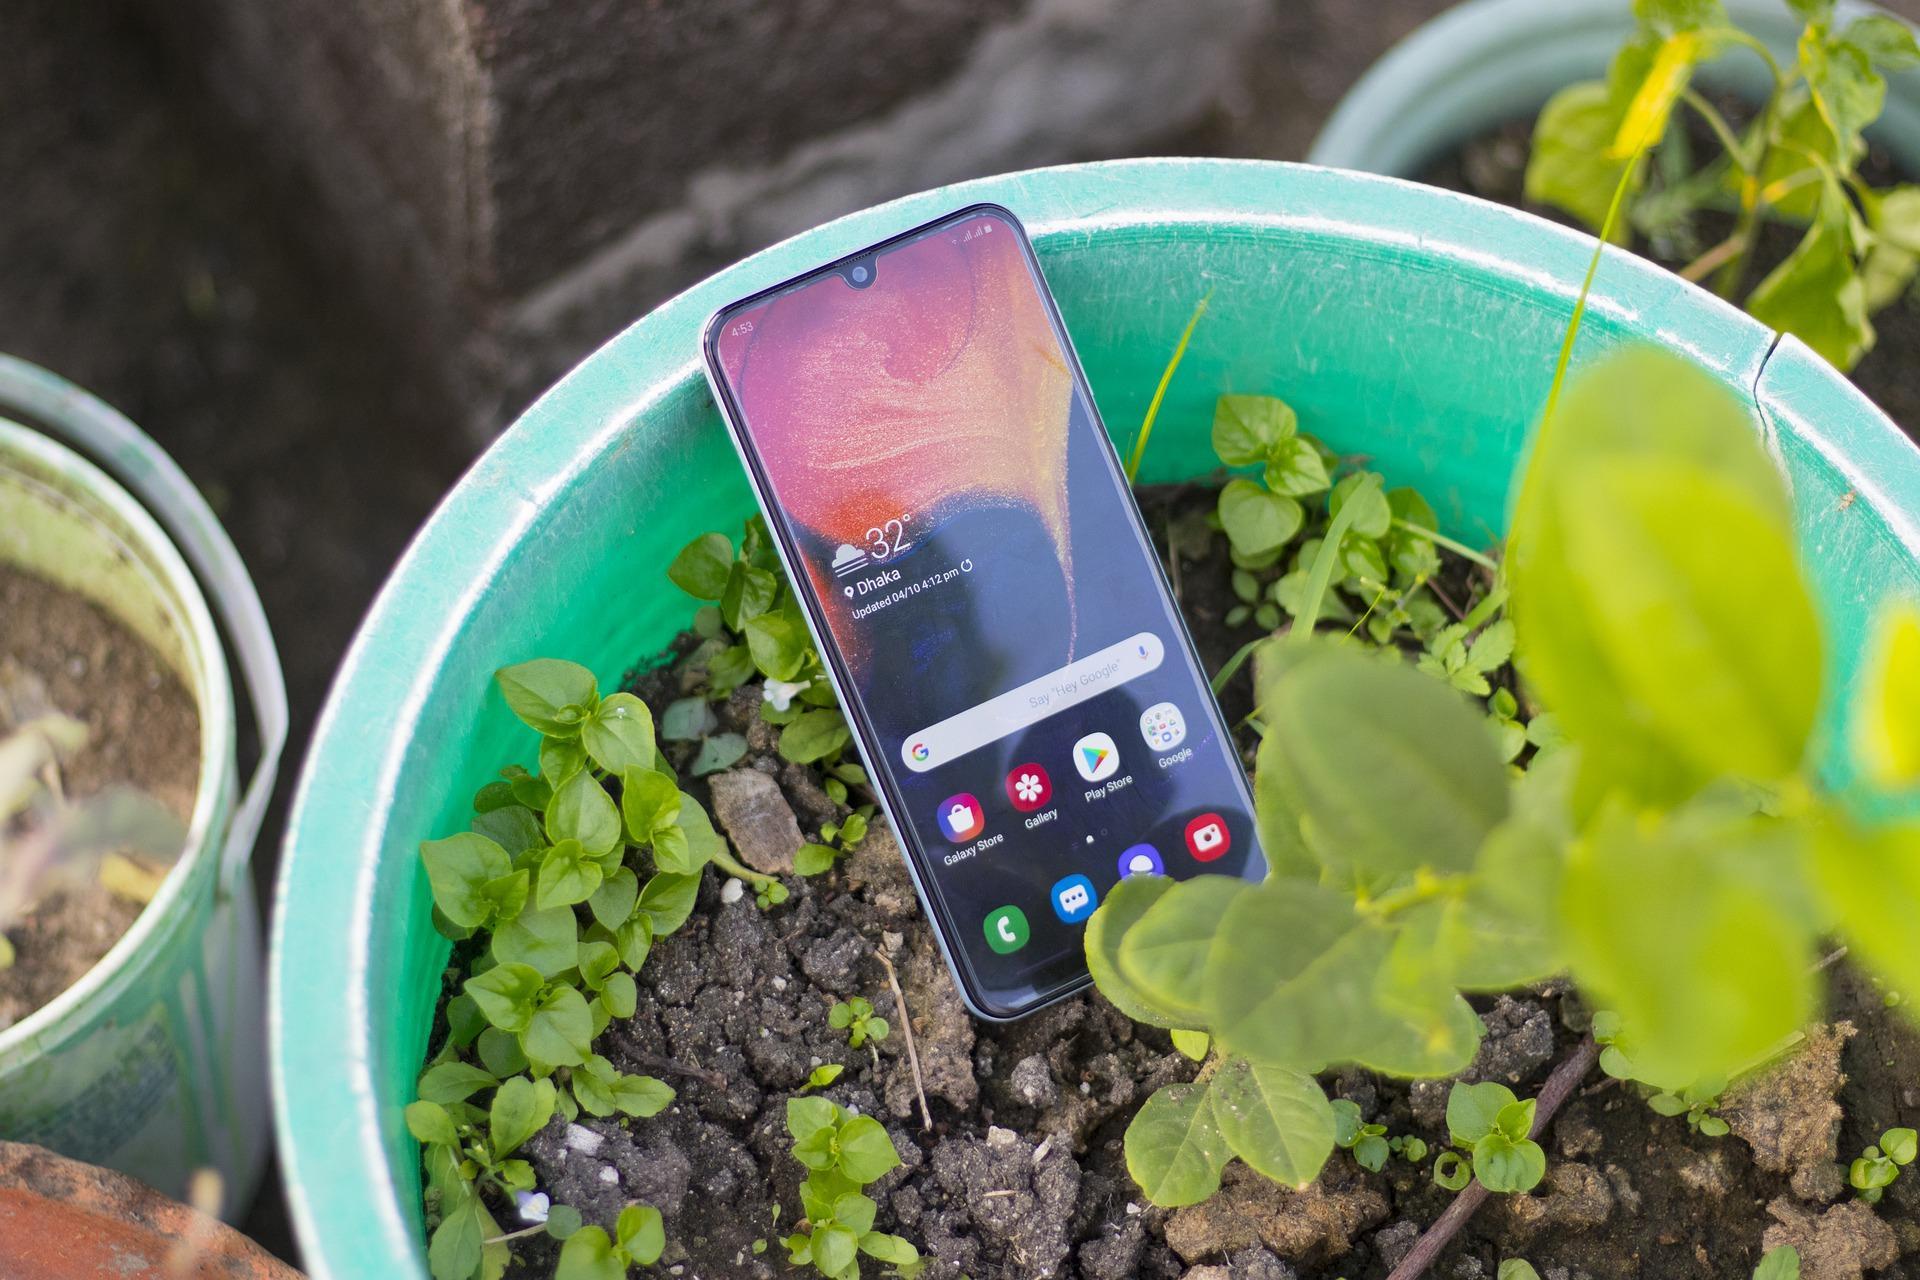 Названы самые мощные смартфоны июня. Сколько они стоят?